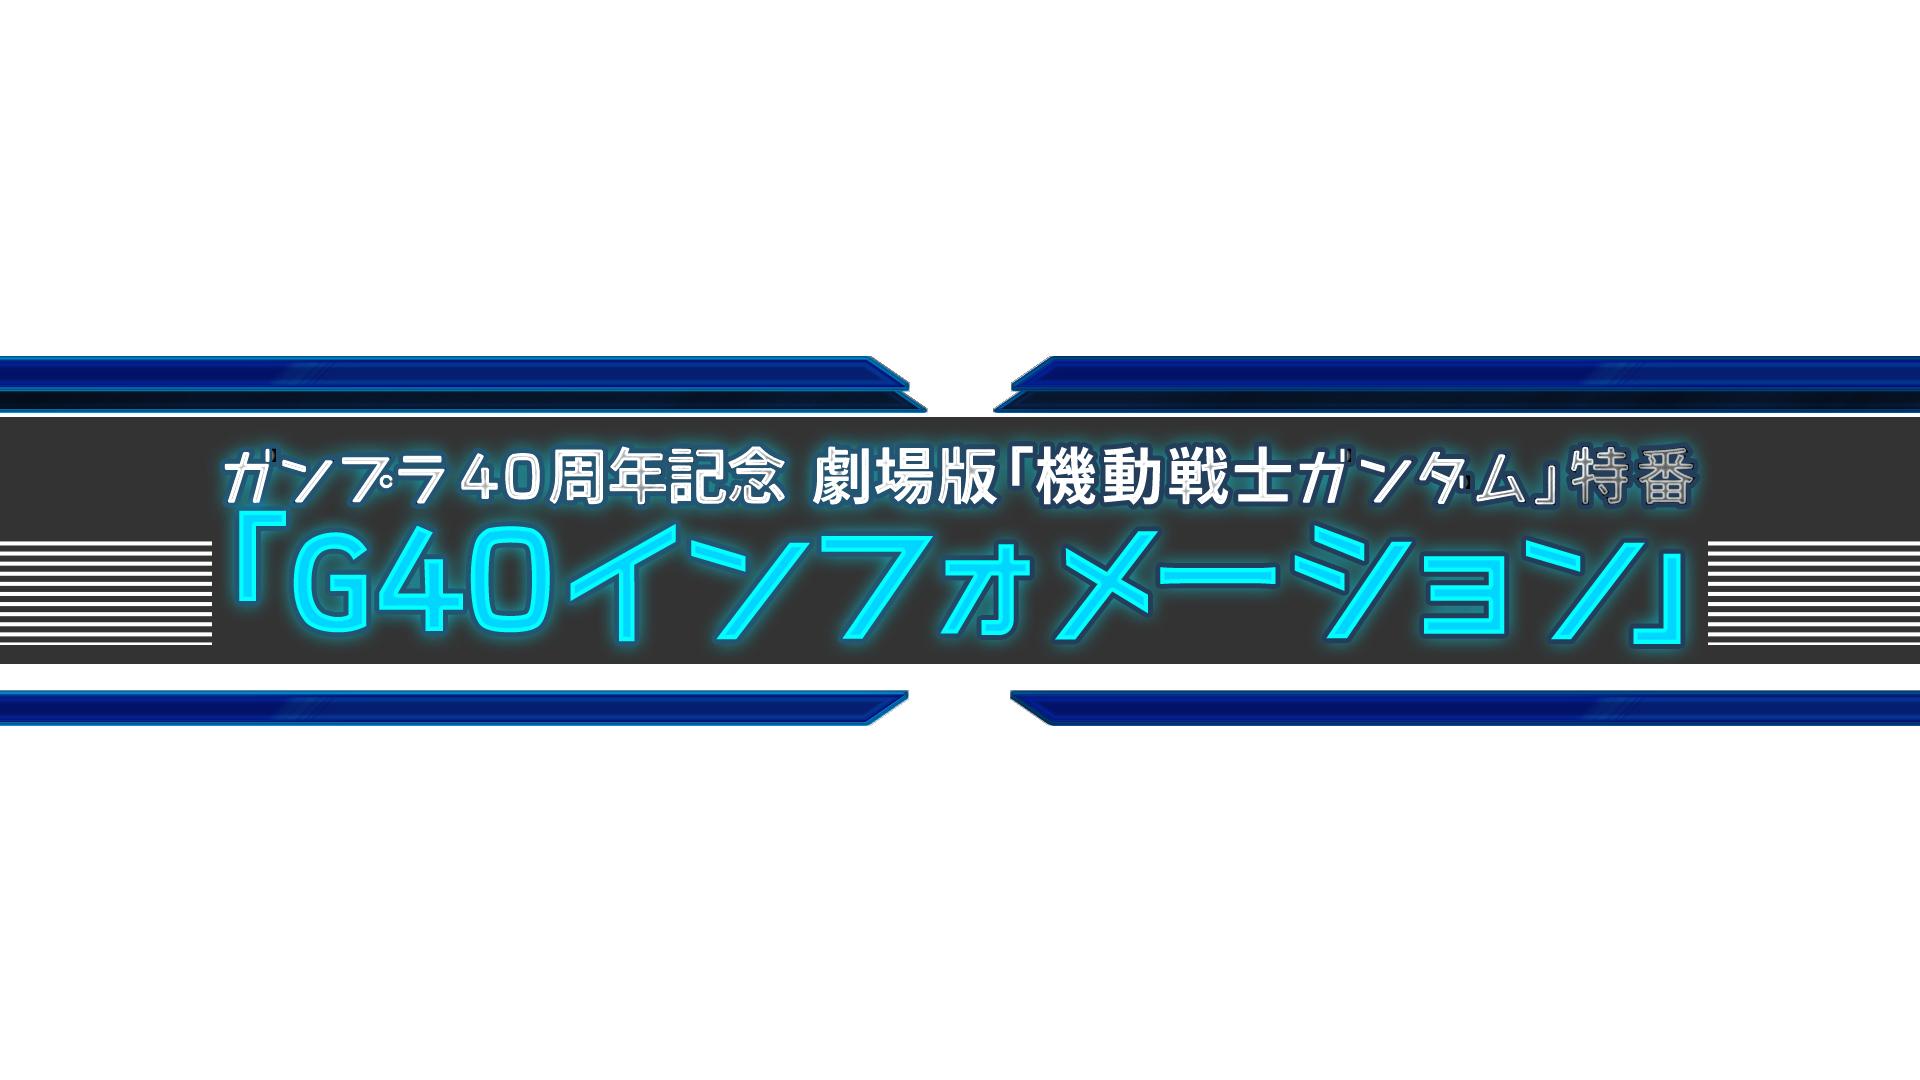 8月9日(日)13:00 O.A. <br>MBS【ガンプラ40周年記念 劇場版「機動戦士ガンダム」特番「G40インフォメーション」 】